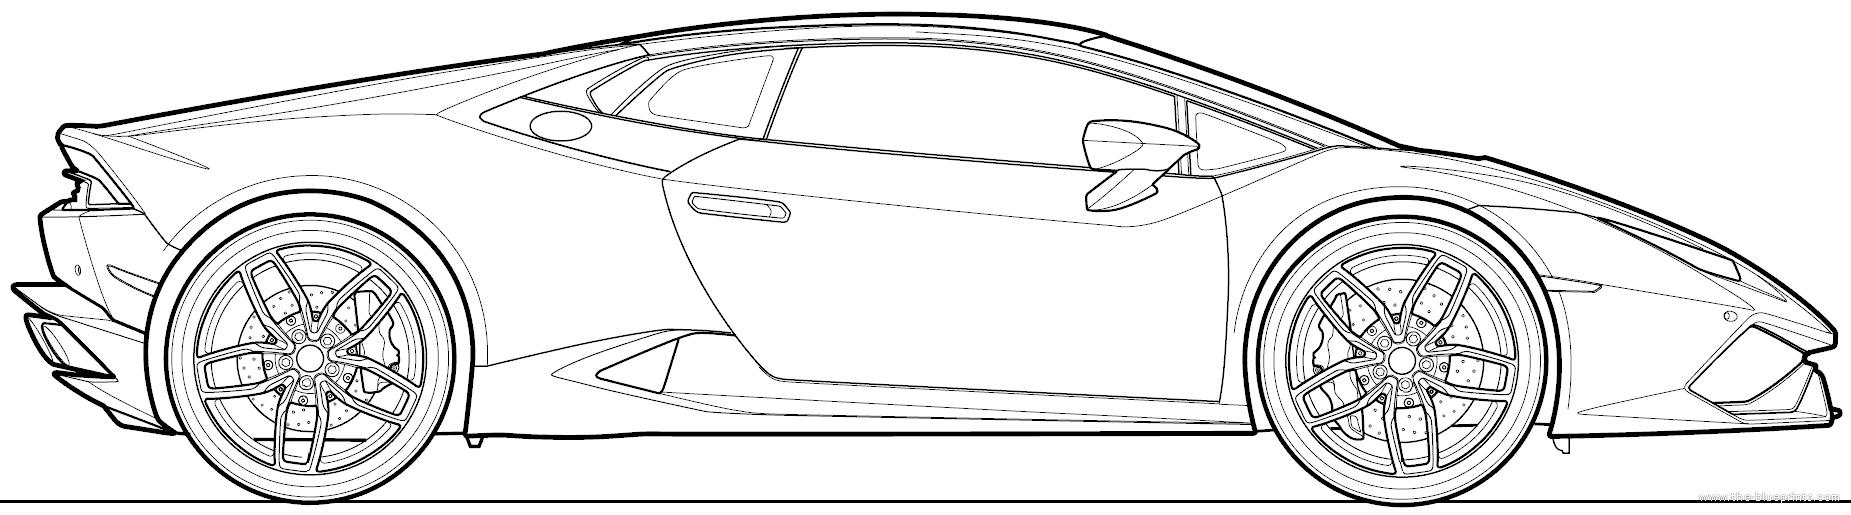 Lamborghini Huracan Drawing Car Image Idea